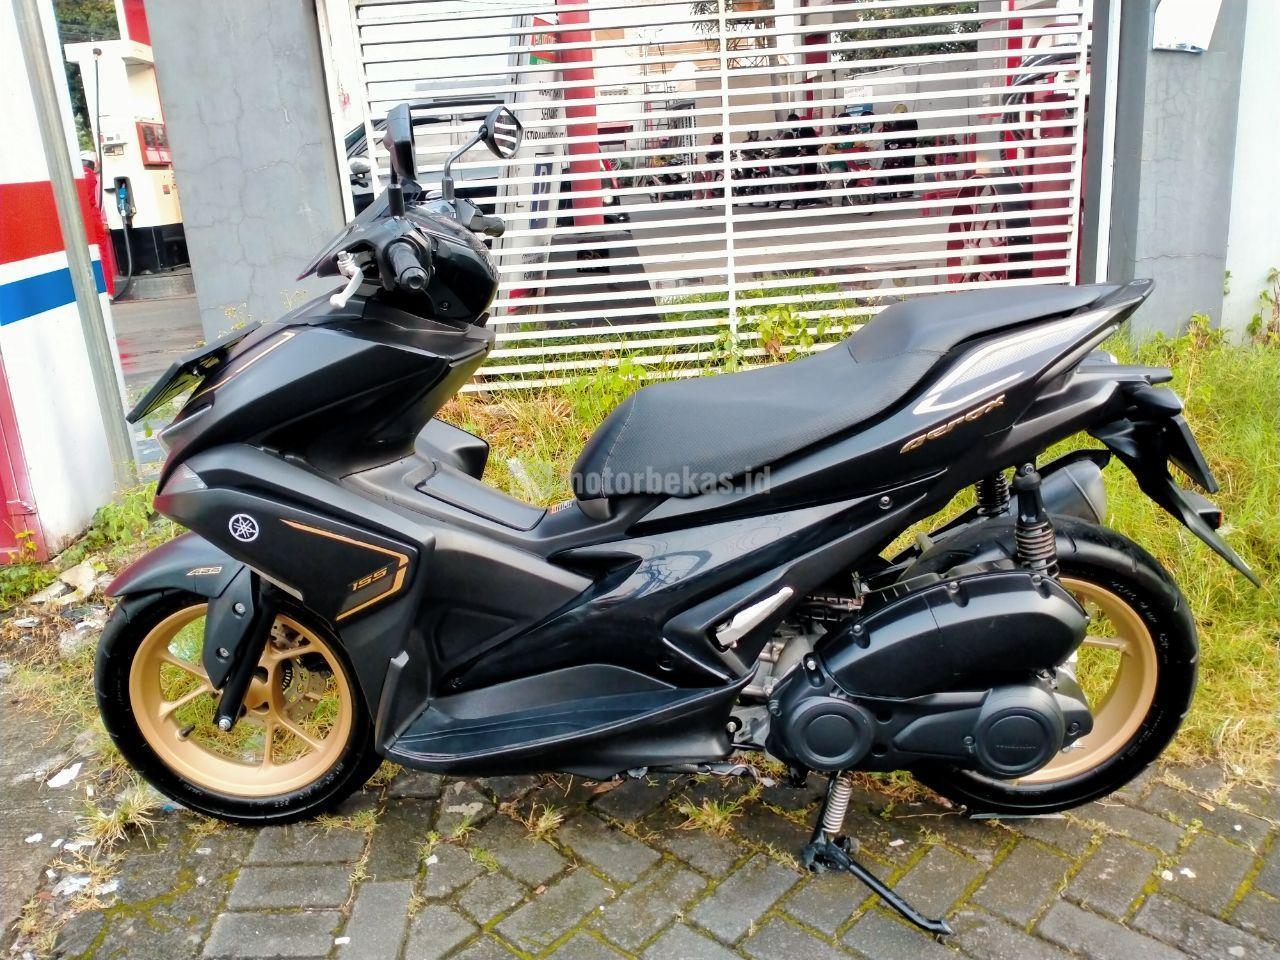 YAMAHA AEROX 155 ABS 1391 motorbekas.id